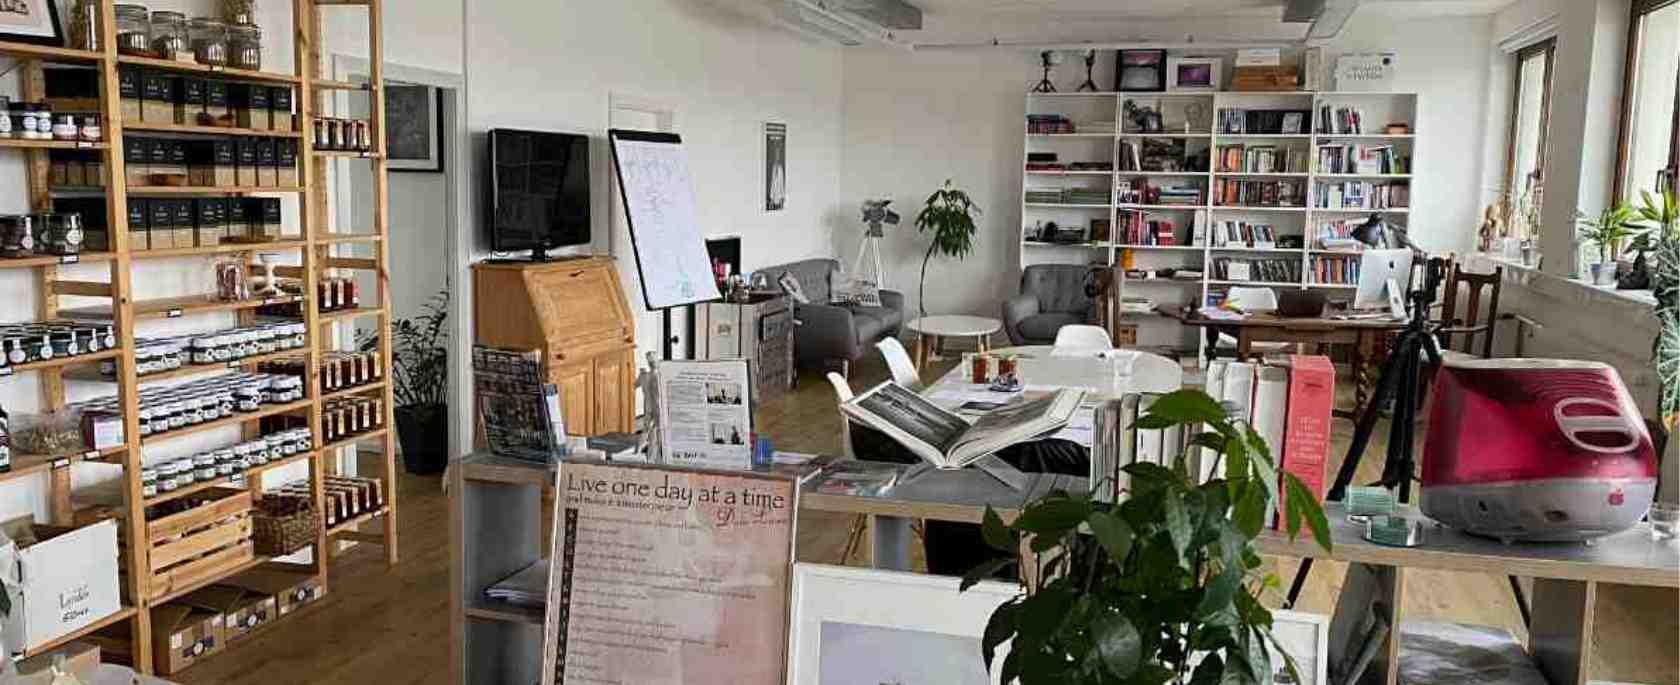 Motivaionstraining in Bielefeld und Umgebung